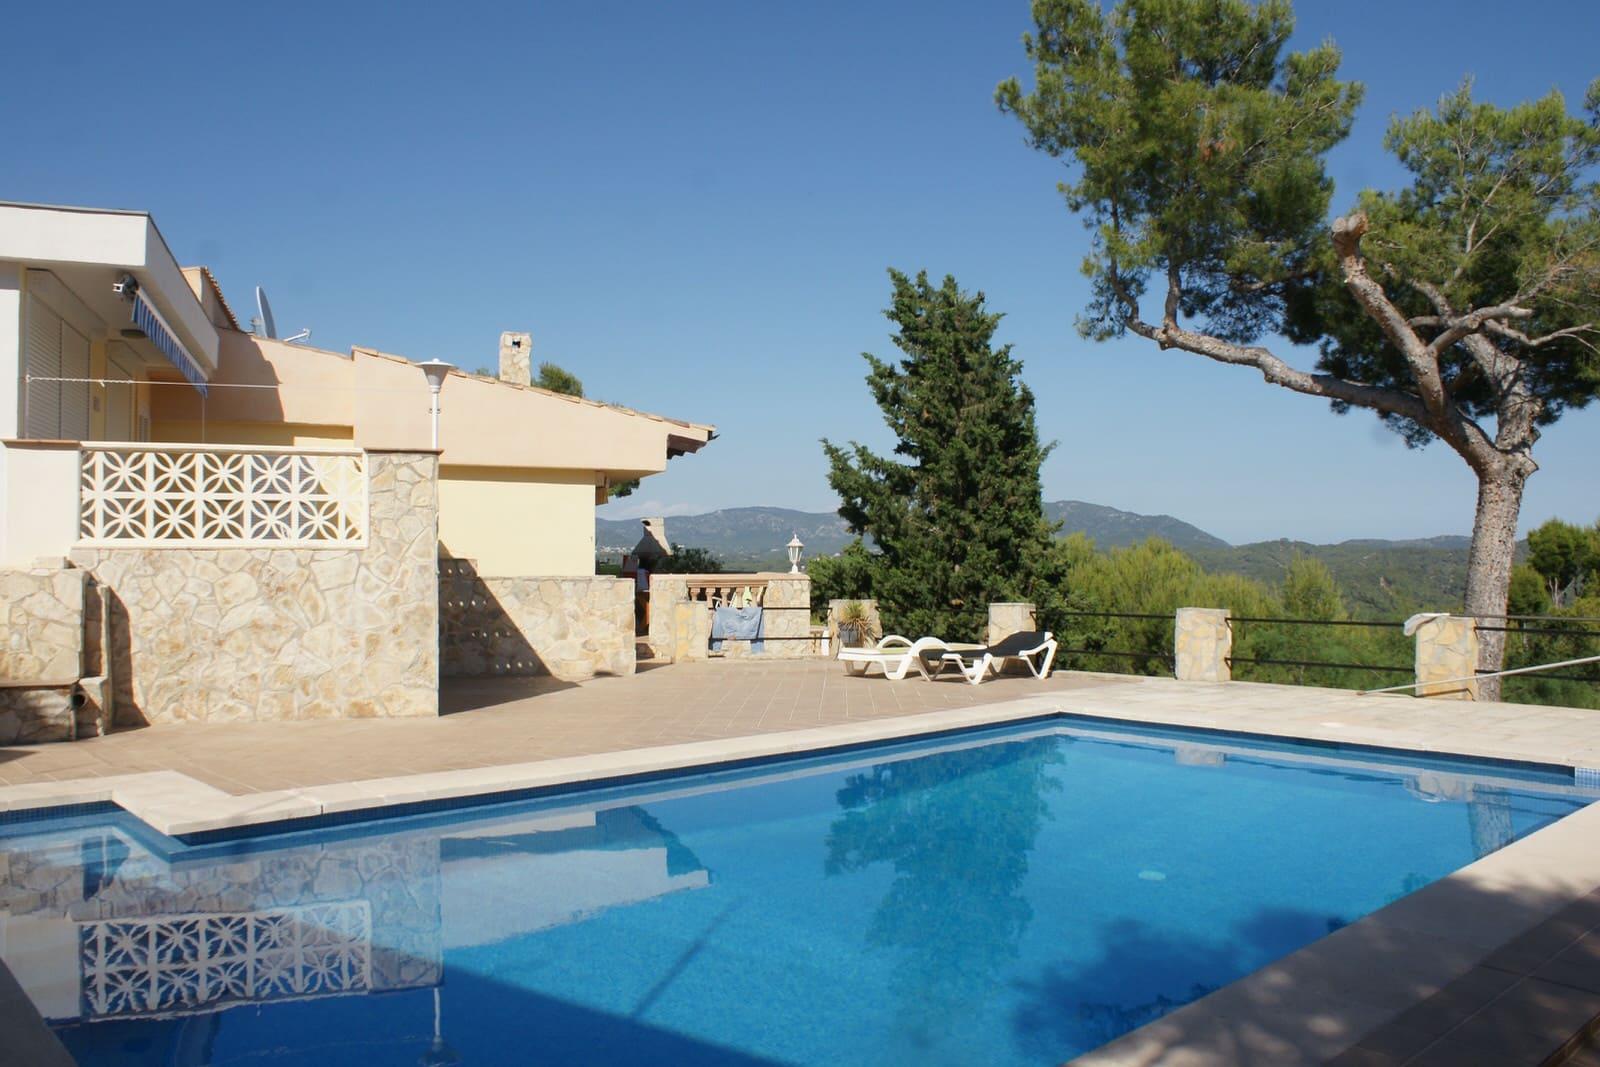 2 sypialnia Dom szeregowy na sprzedaż w Peguera / Paguera - 369 900 € (Ref: 4299943)